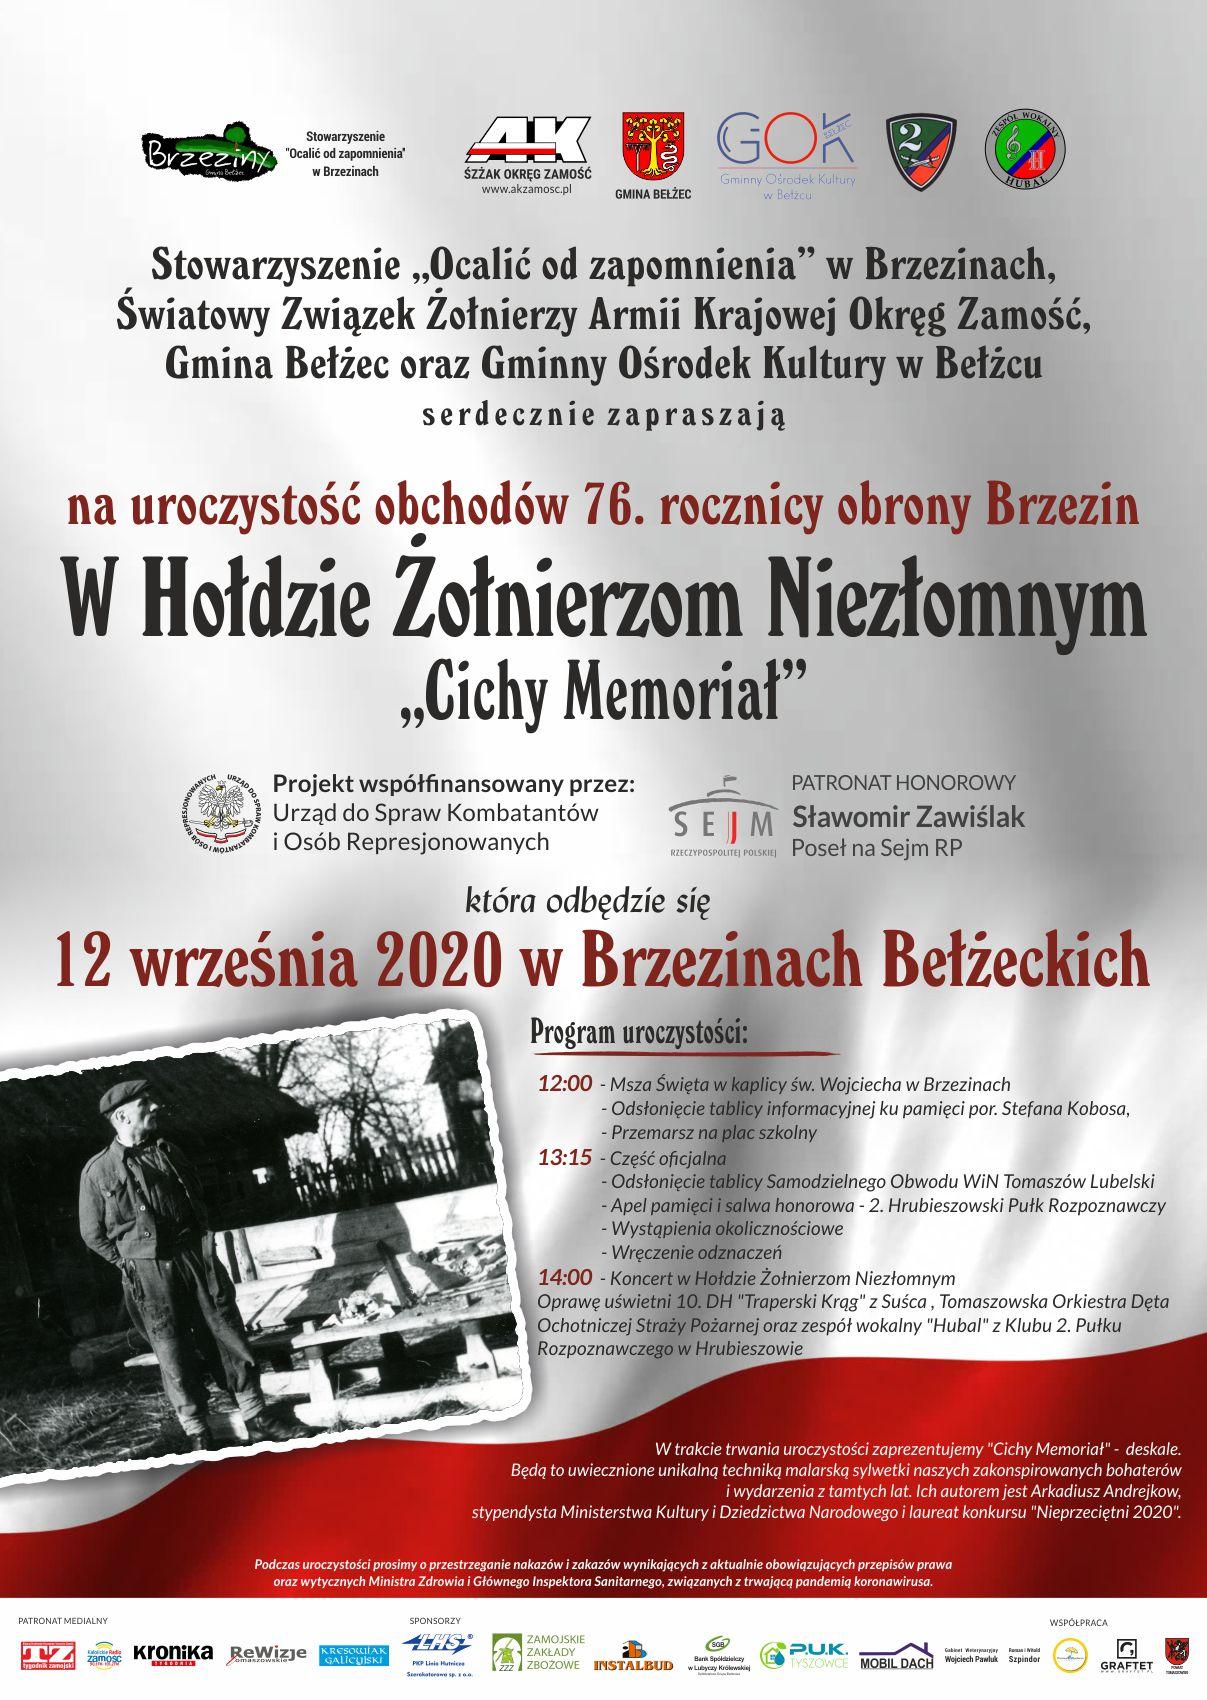 plakat brzeziny2020 Weekendowy plan wydarzeń